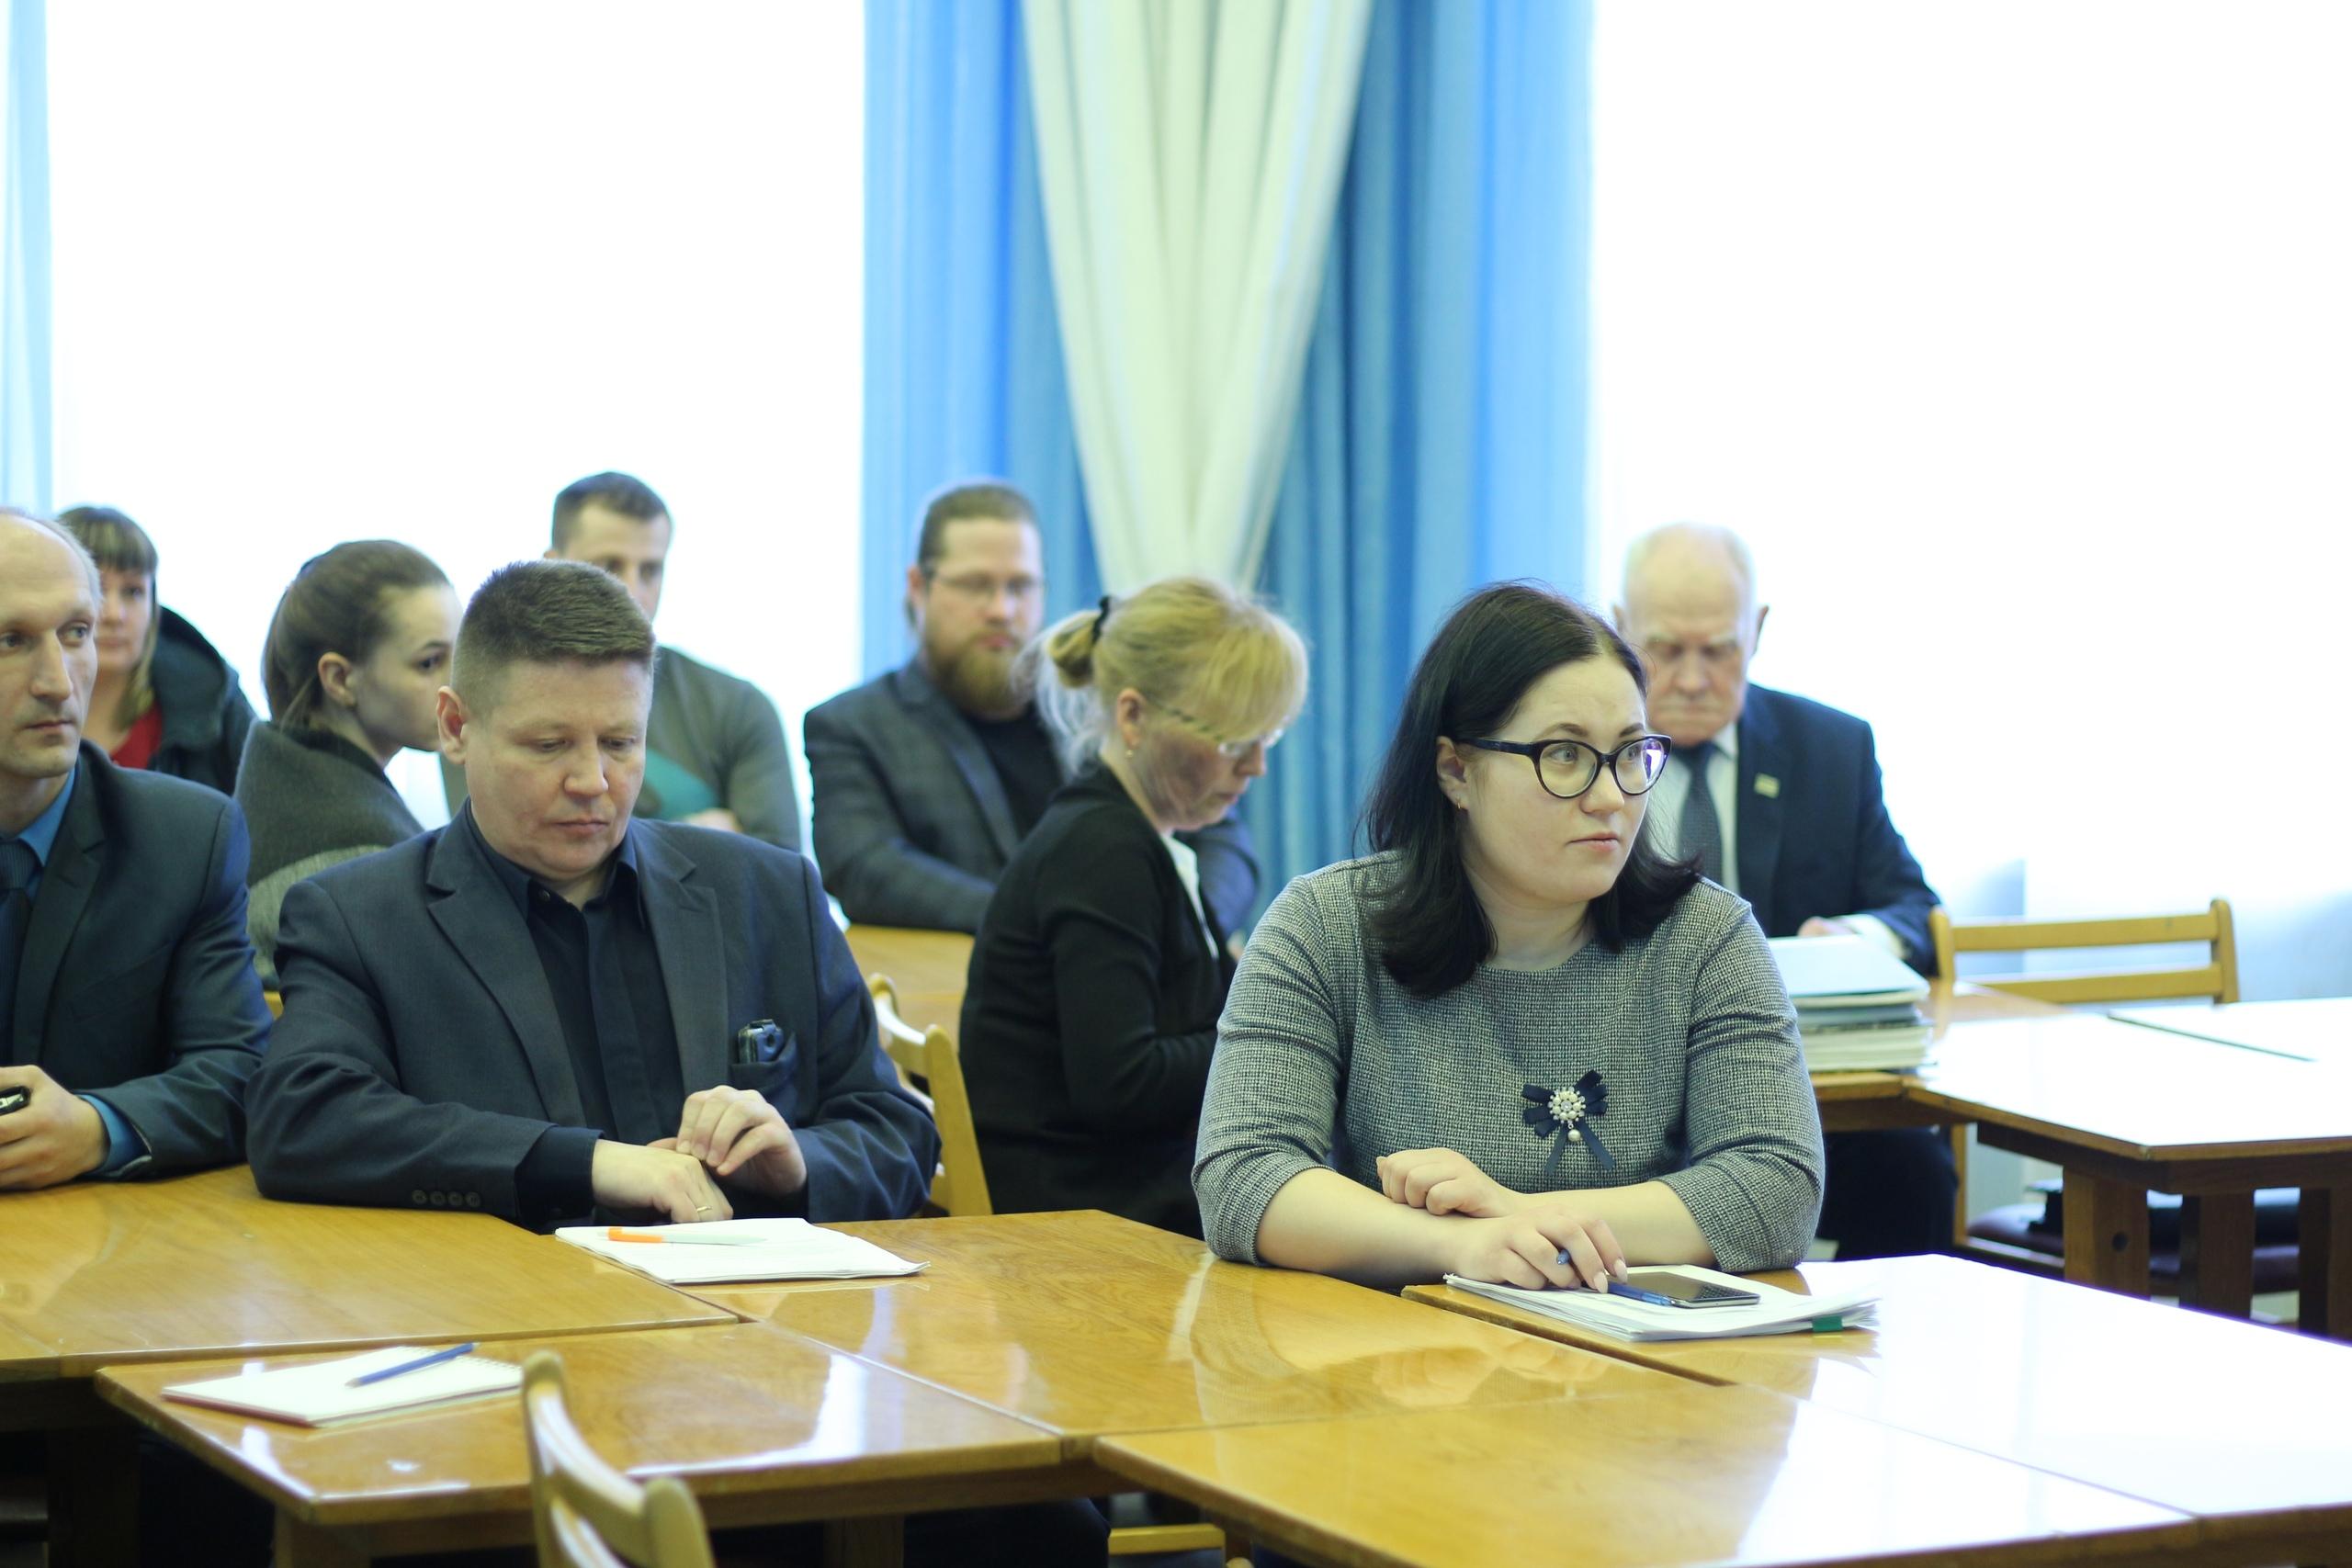 В администрации района состоялись публичные слушания по проекту рашения Совета по исполнению бюджета за 2018 год